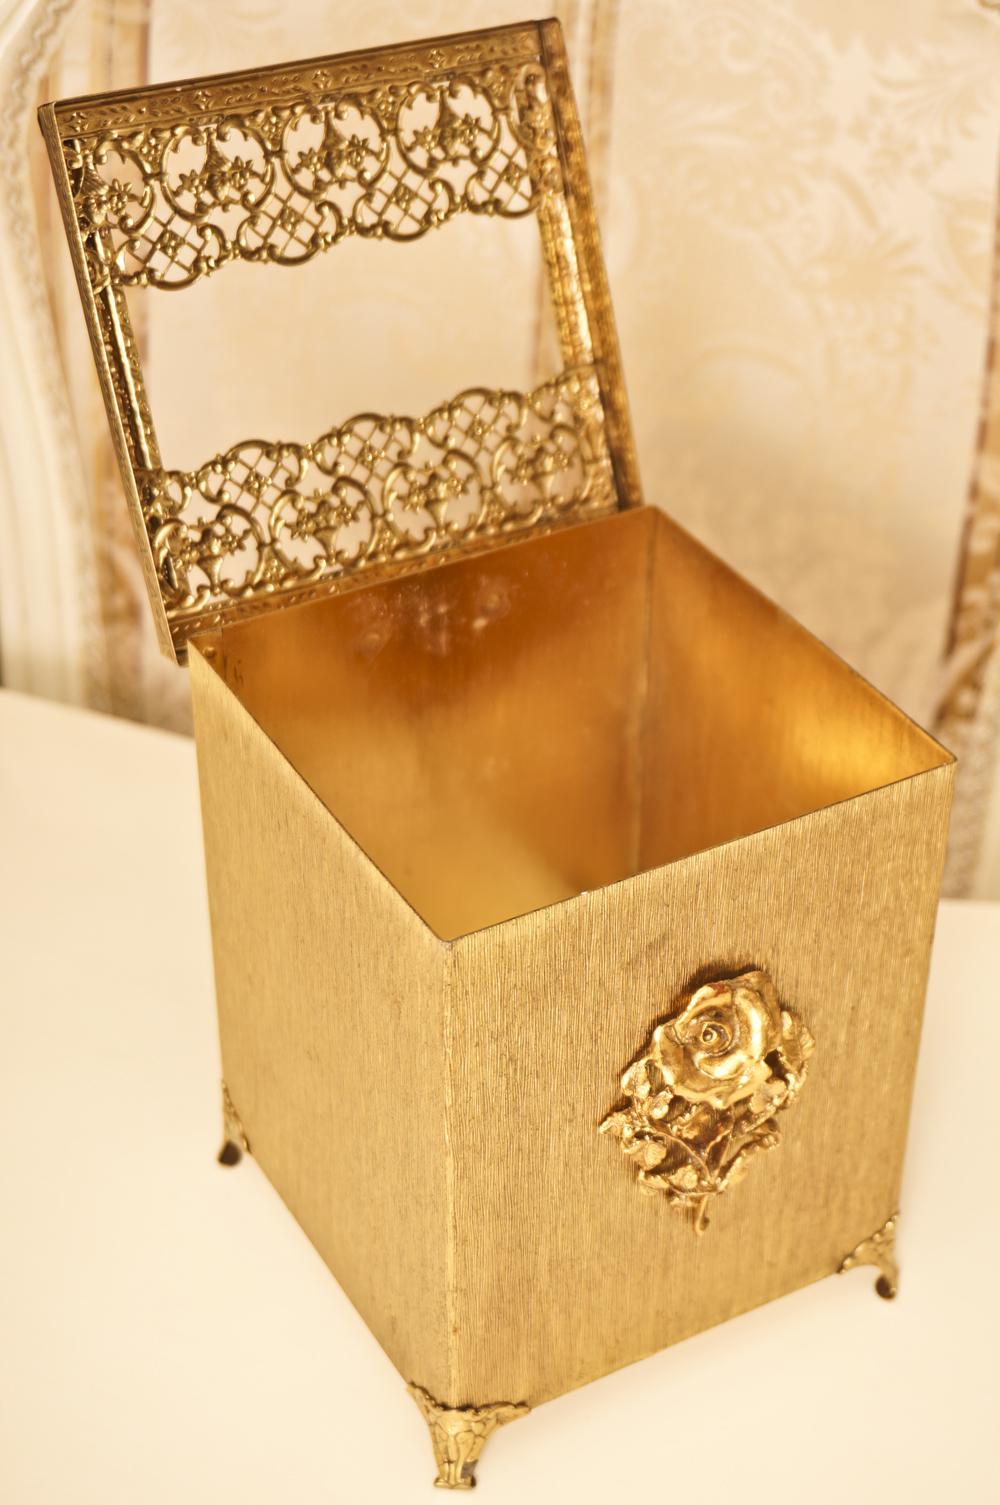 マトソン製 ゴールド ローズ 正方形 ティッシュボックス 開けた状態